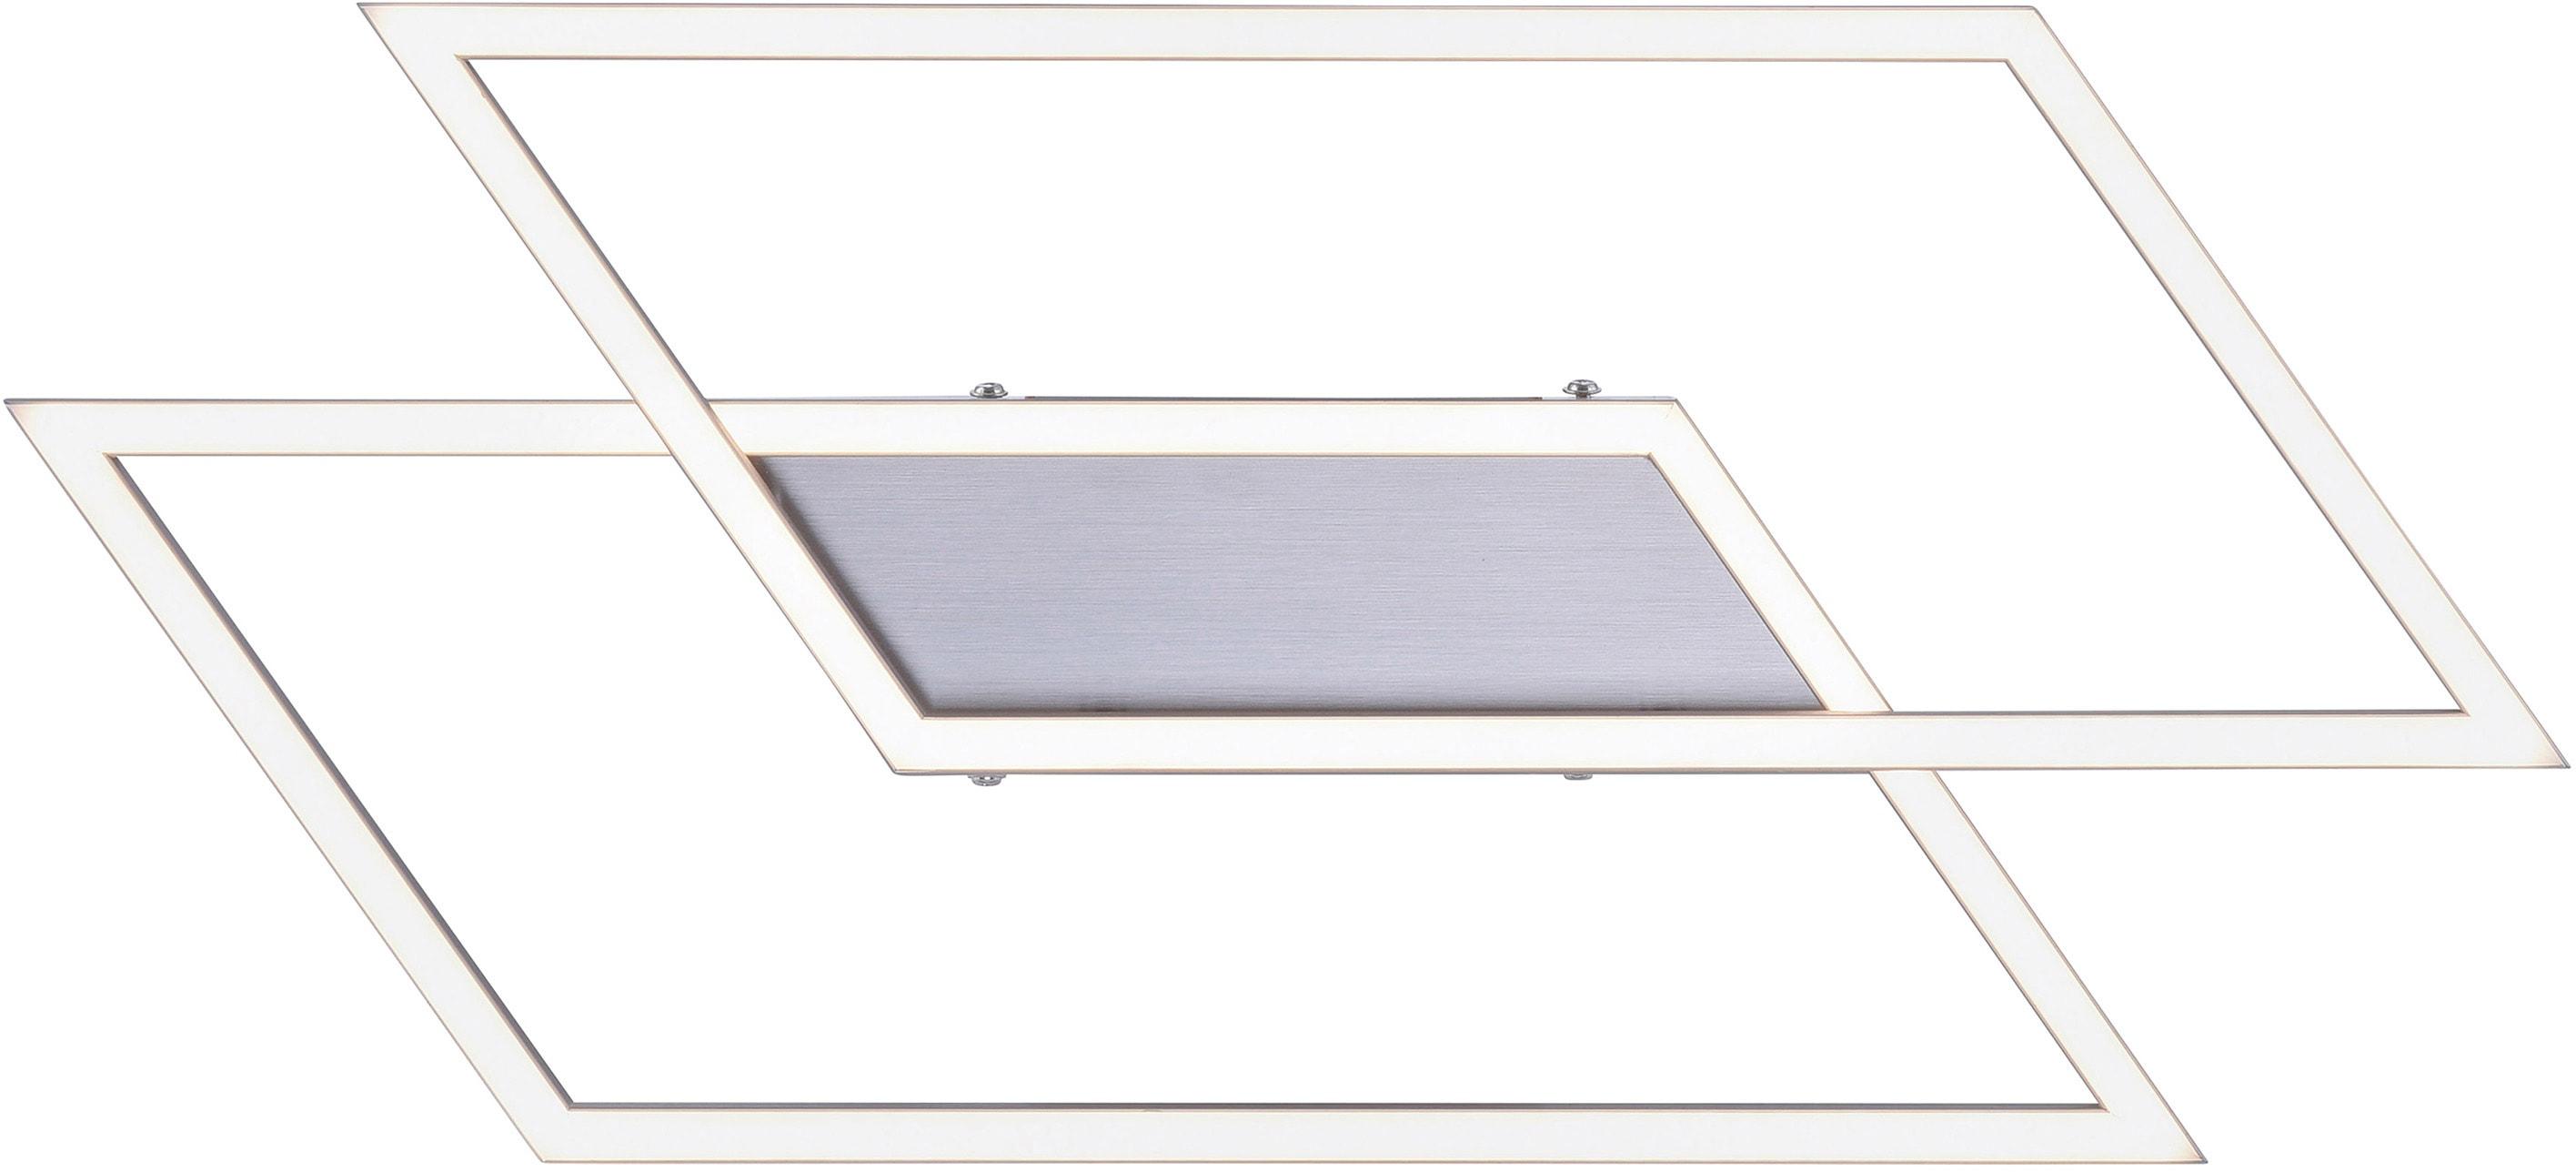 Paul Neuhaus LED Deckenleuchte Inigo, LED-Board, 1 St., Warmweiß, Stufenlos dimmbar über vorhandenen Wandschalter